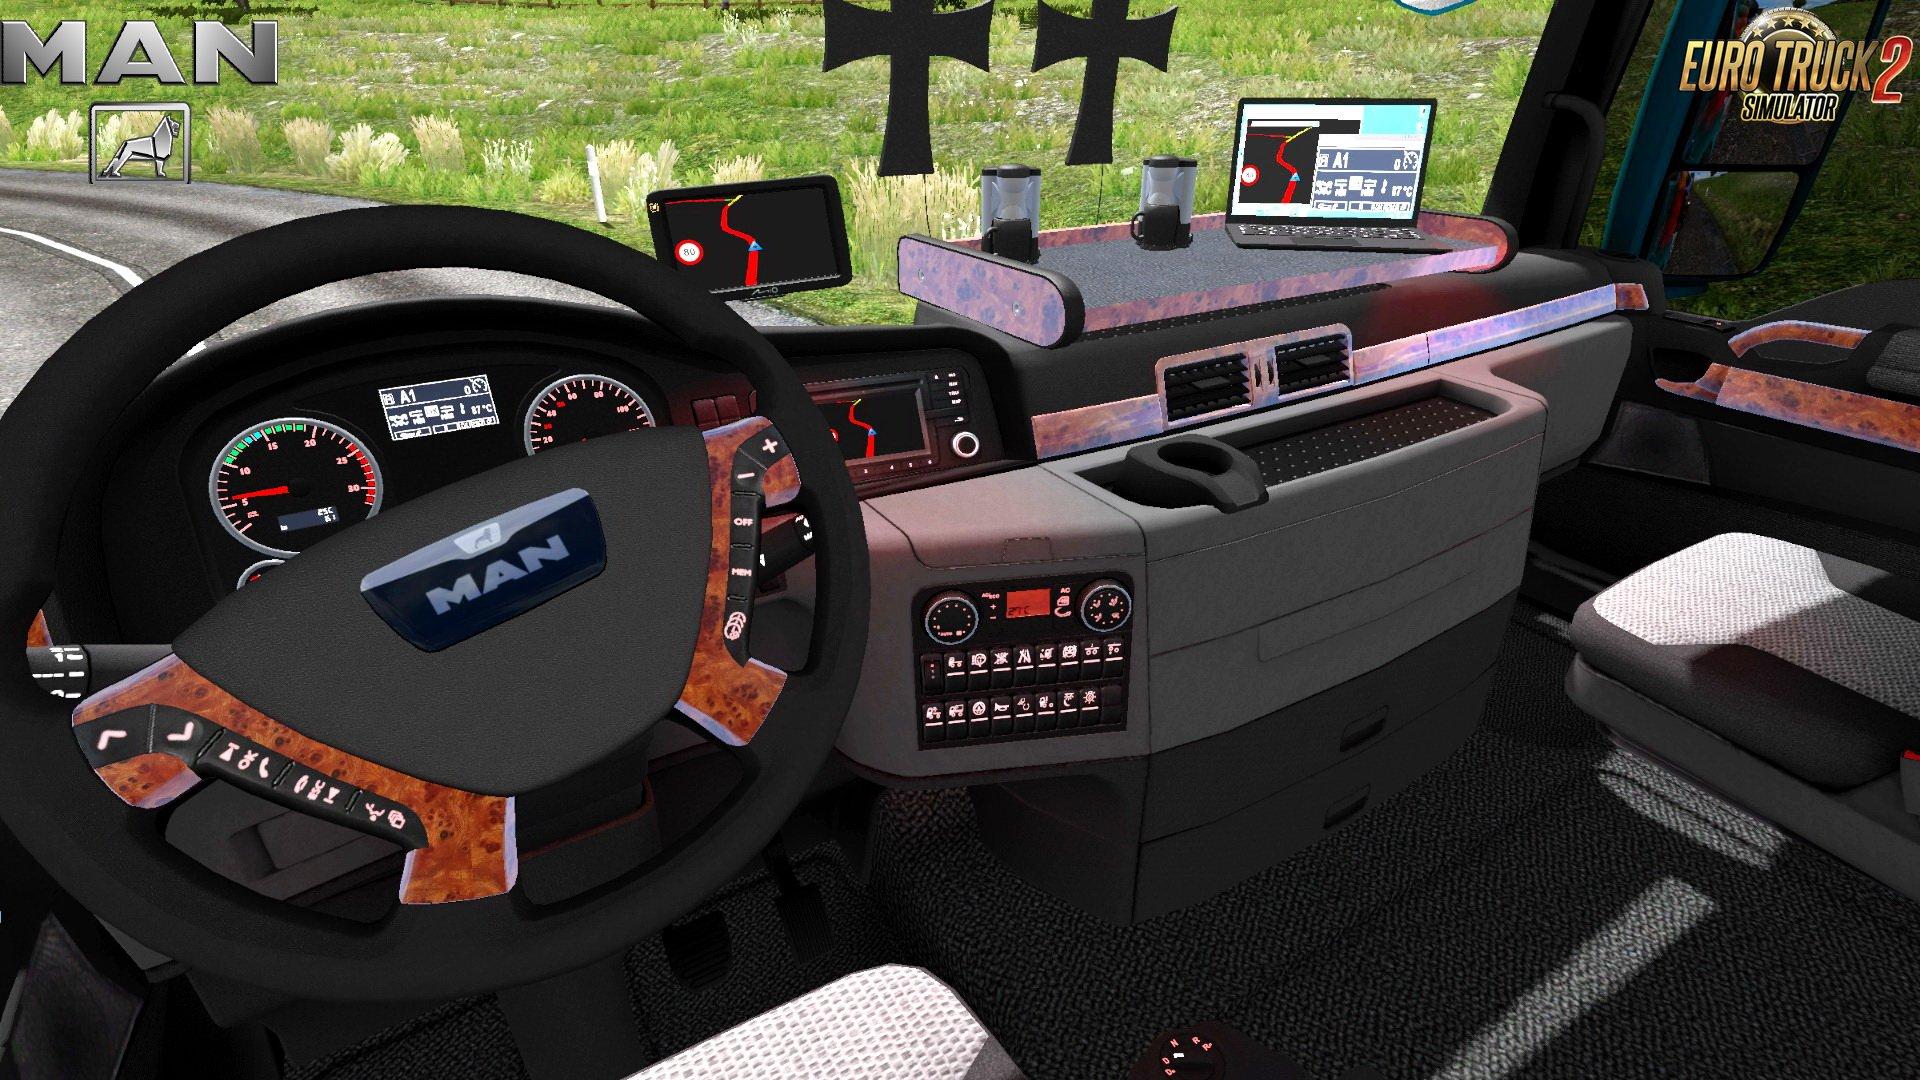 Volvo Truck Dealer >> MAN TGX Euro 6 v2.0 by MADster (1.30.x) | ETS2 mods | Euro truck simulator 2 mods - ETS2MODS.LT